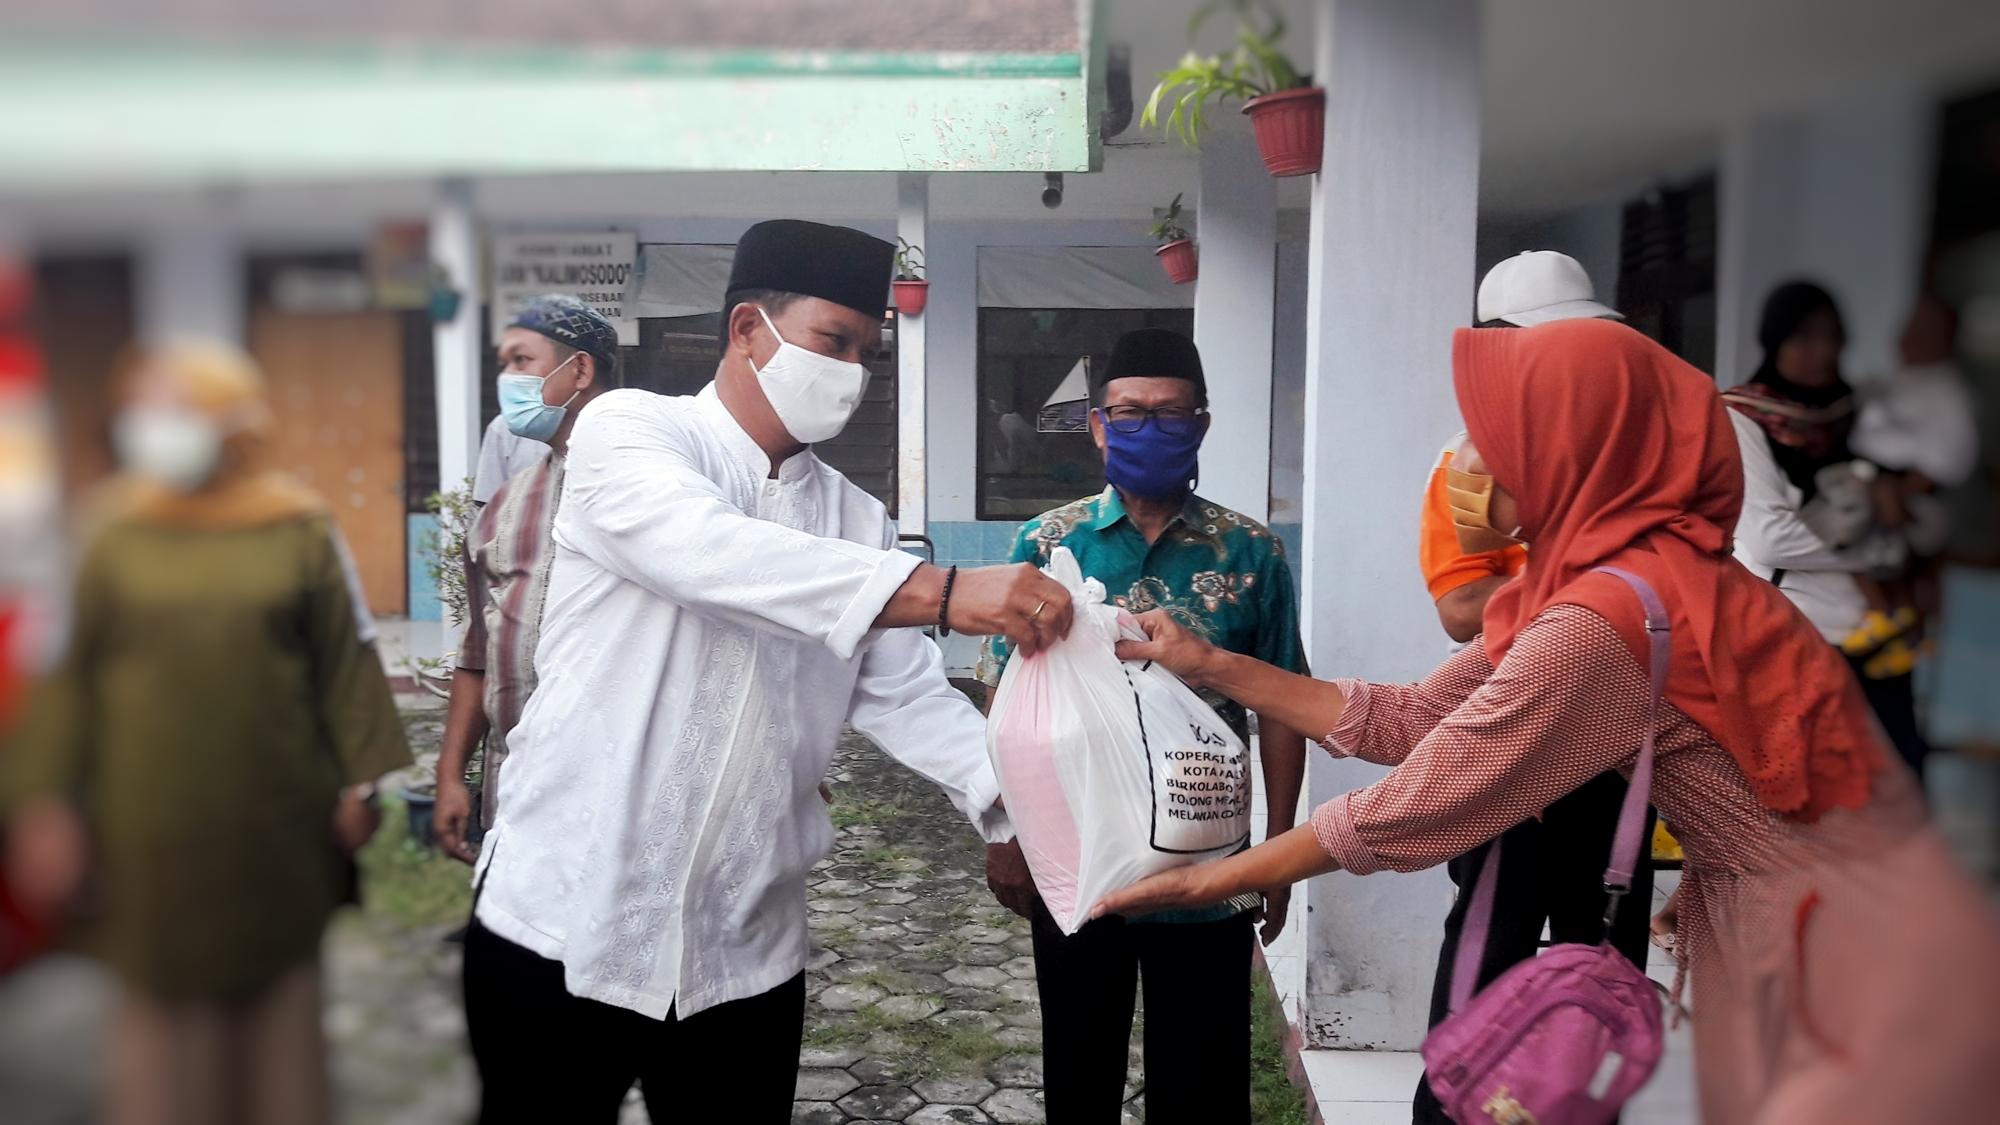 Walikota Madiun Salurkan Bantuan Sembako Bagi Balita Stanting di Lingkungan Kelurahan Josenan